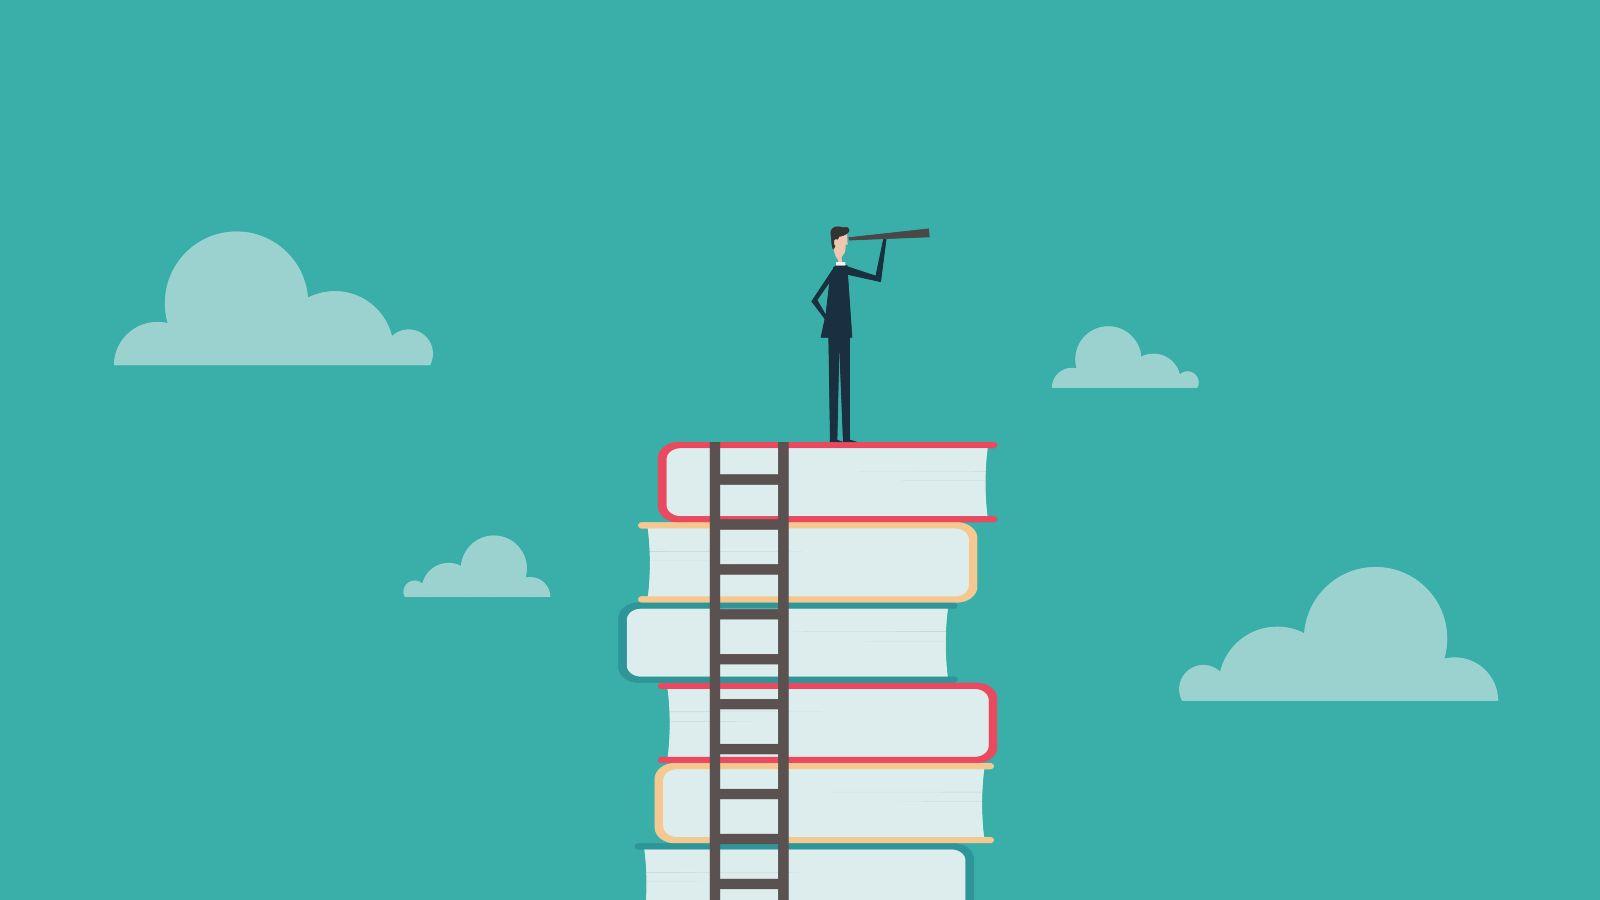 Das Bild ist eine Zeichnung. Es zeigt einen Mann mit einem Fernrohr, der auf einem Stapel Bücher steht.